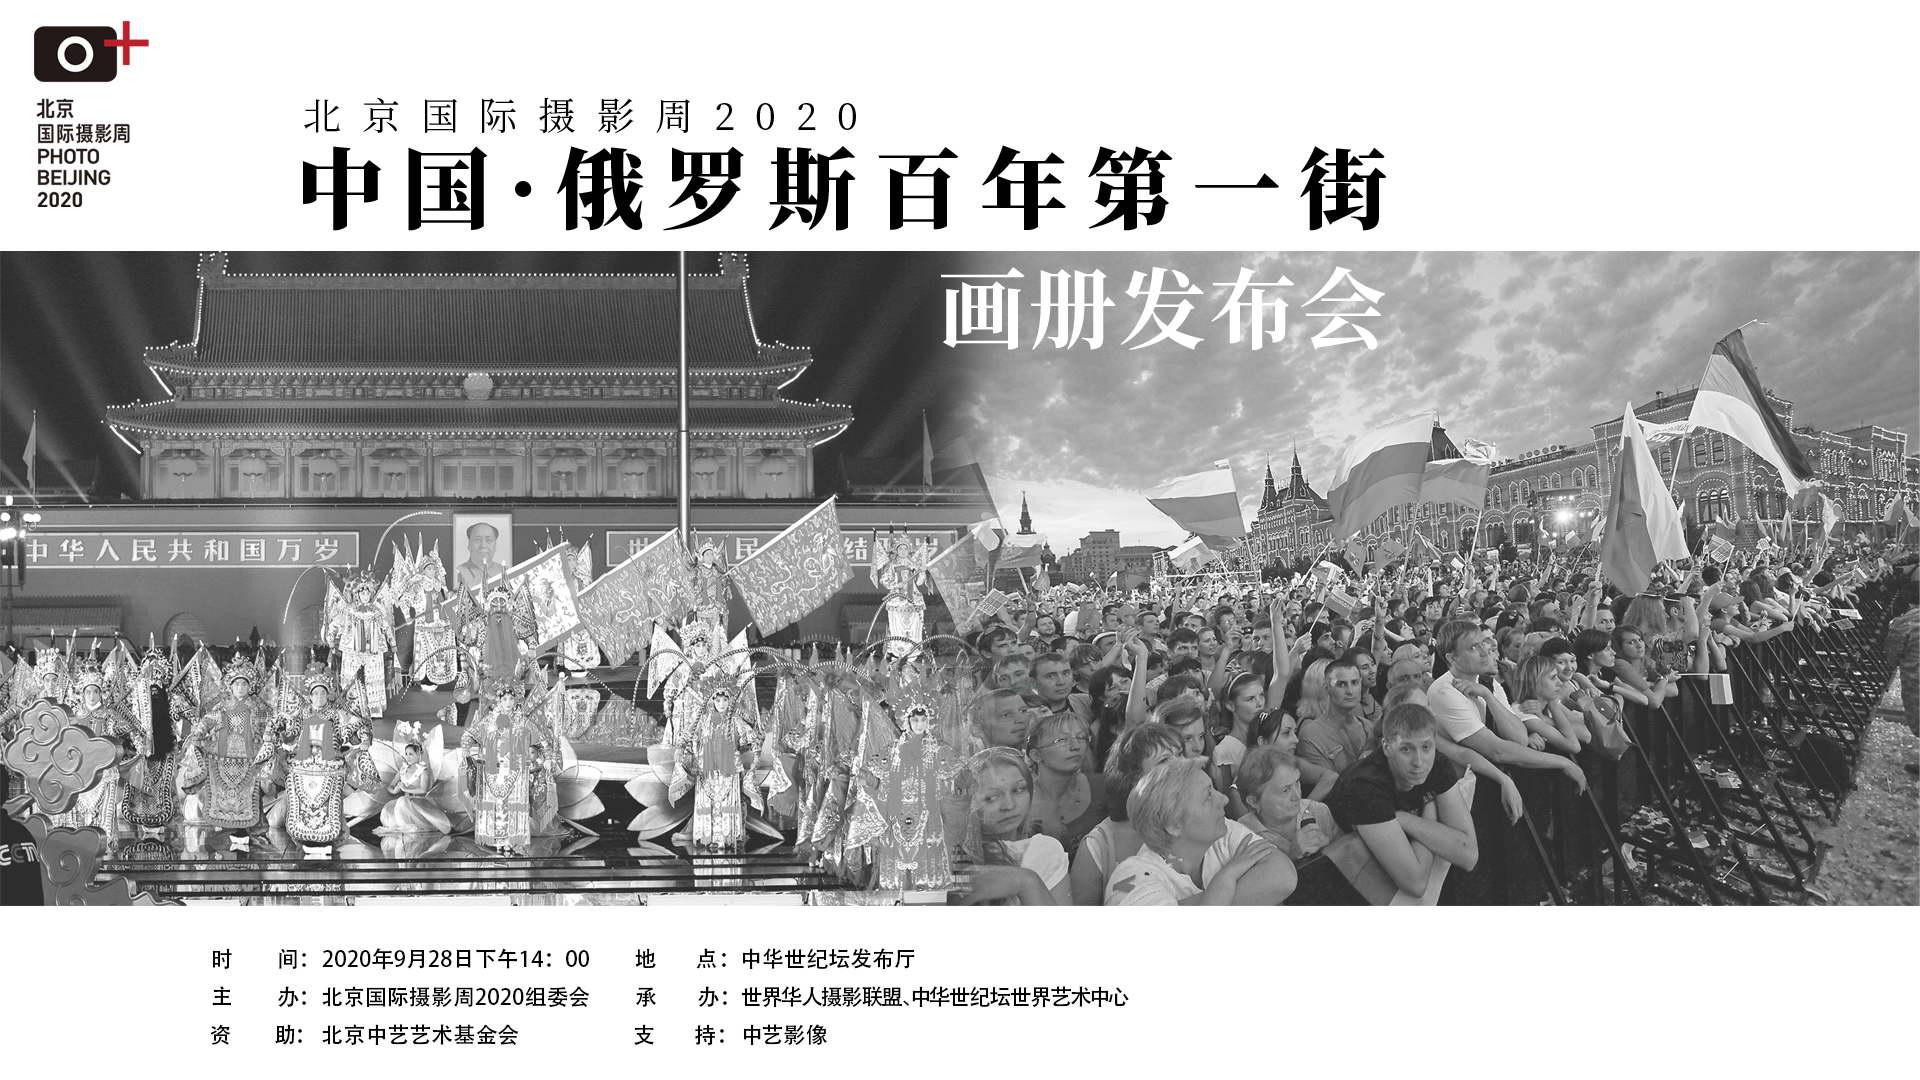 【专题论坛】《中国·俄罗斯百年第一街》画册发布会